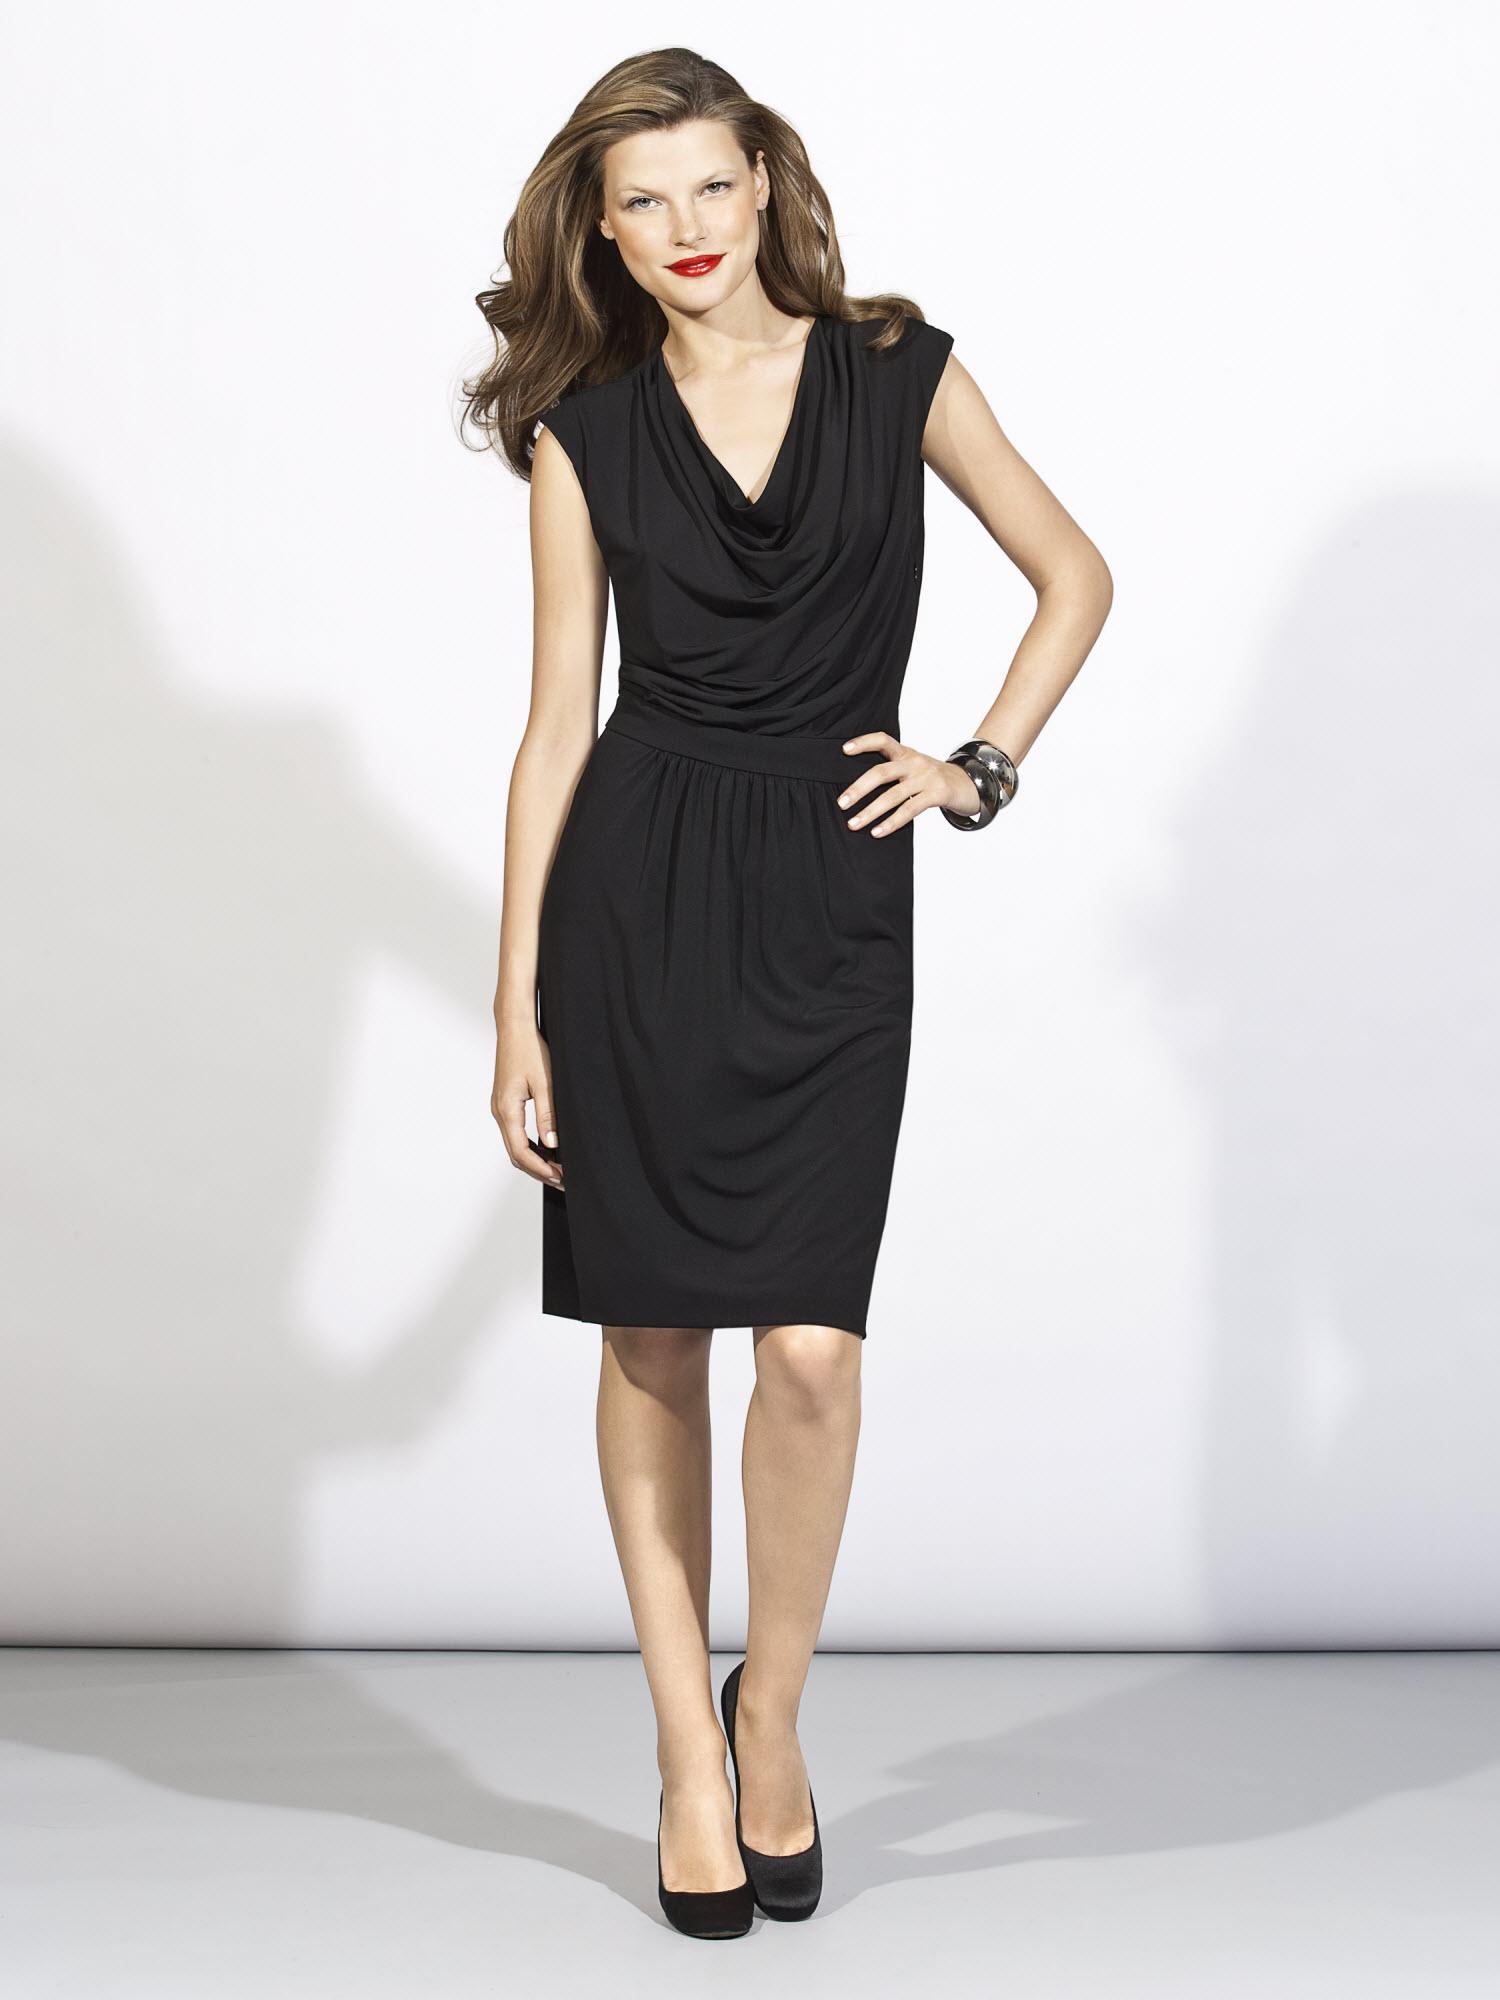 Black V Neck Dress   Dress images